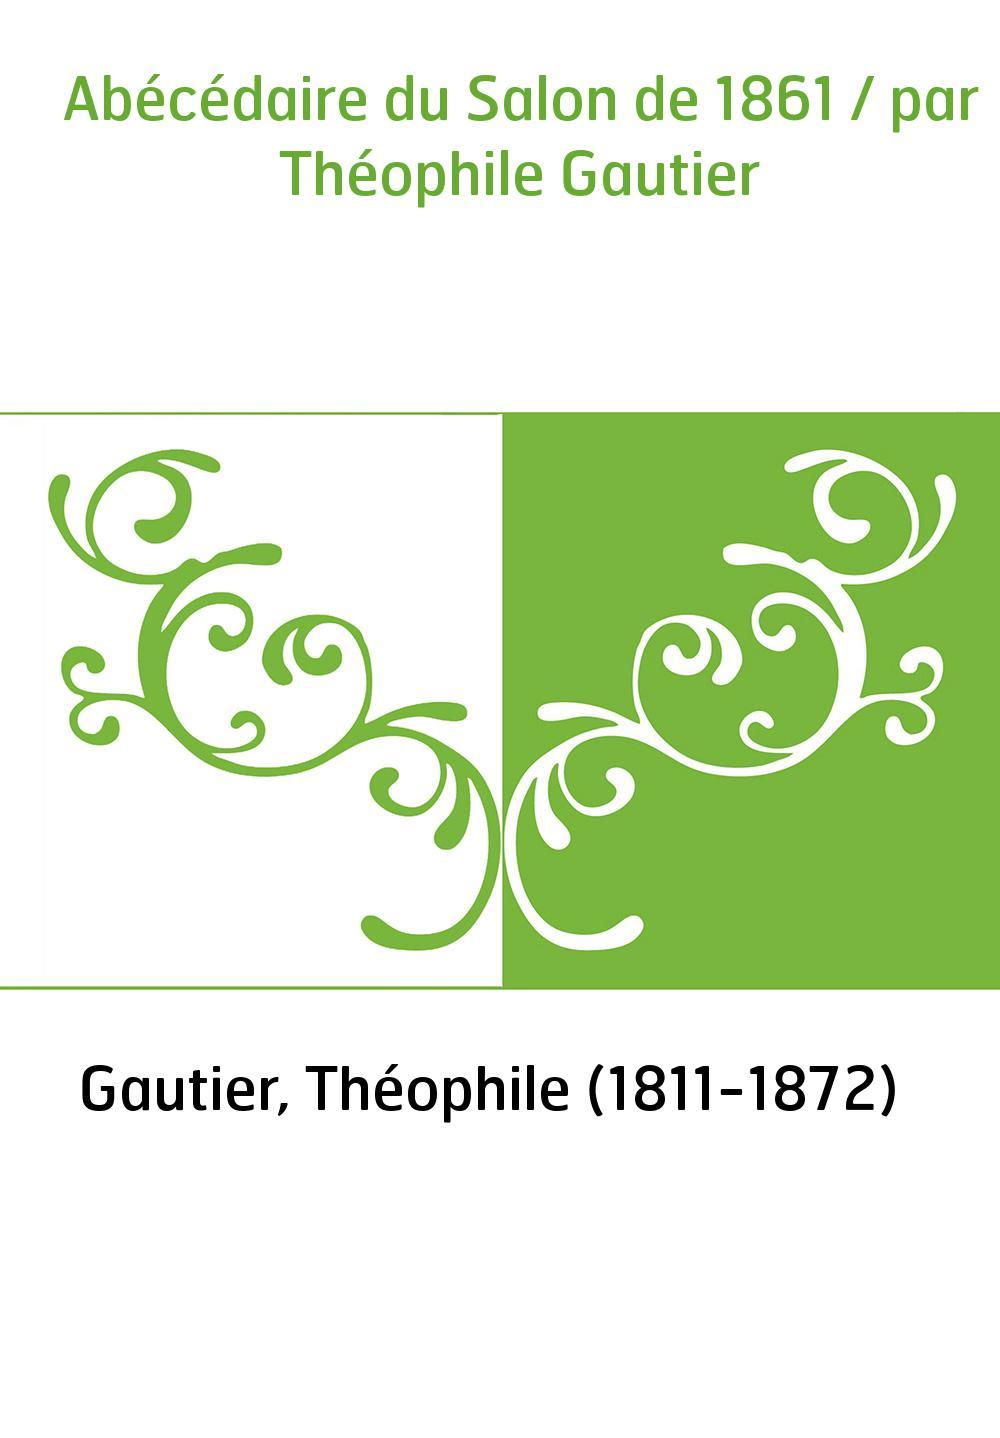 Abécédaire du Salon de 1861 / par Théophile Gautier